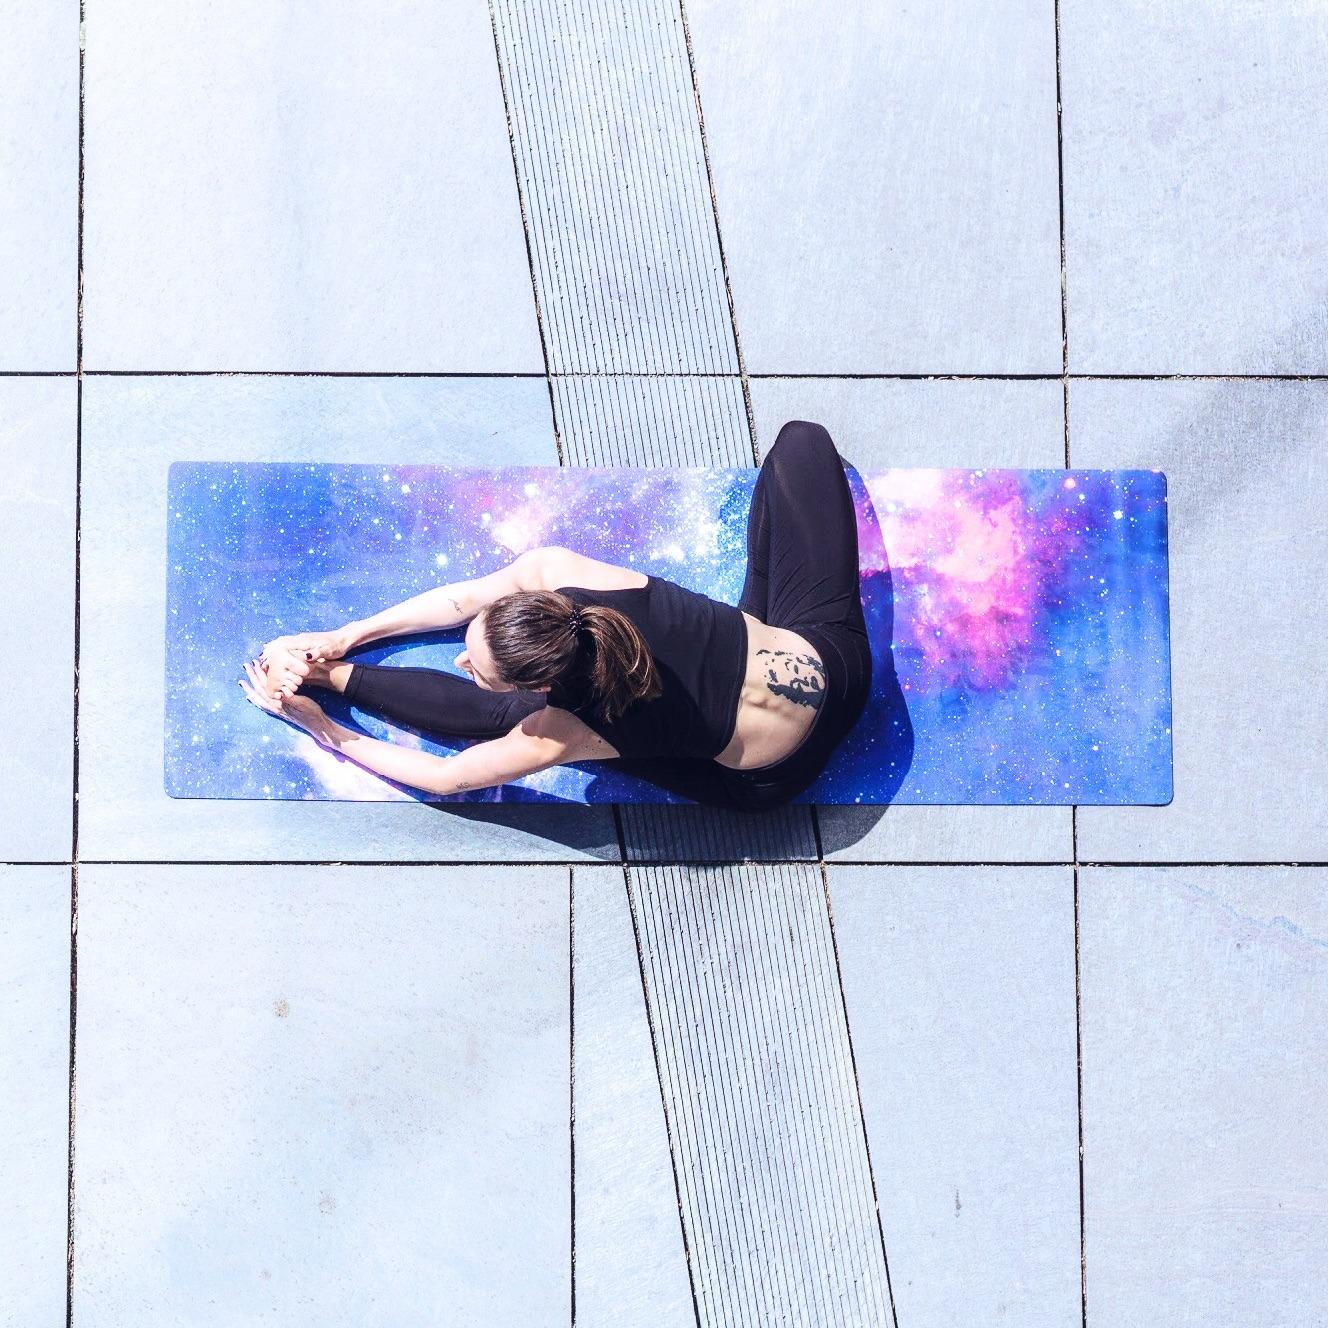 Jana macht Yoga auf einer bunten Yogamatte